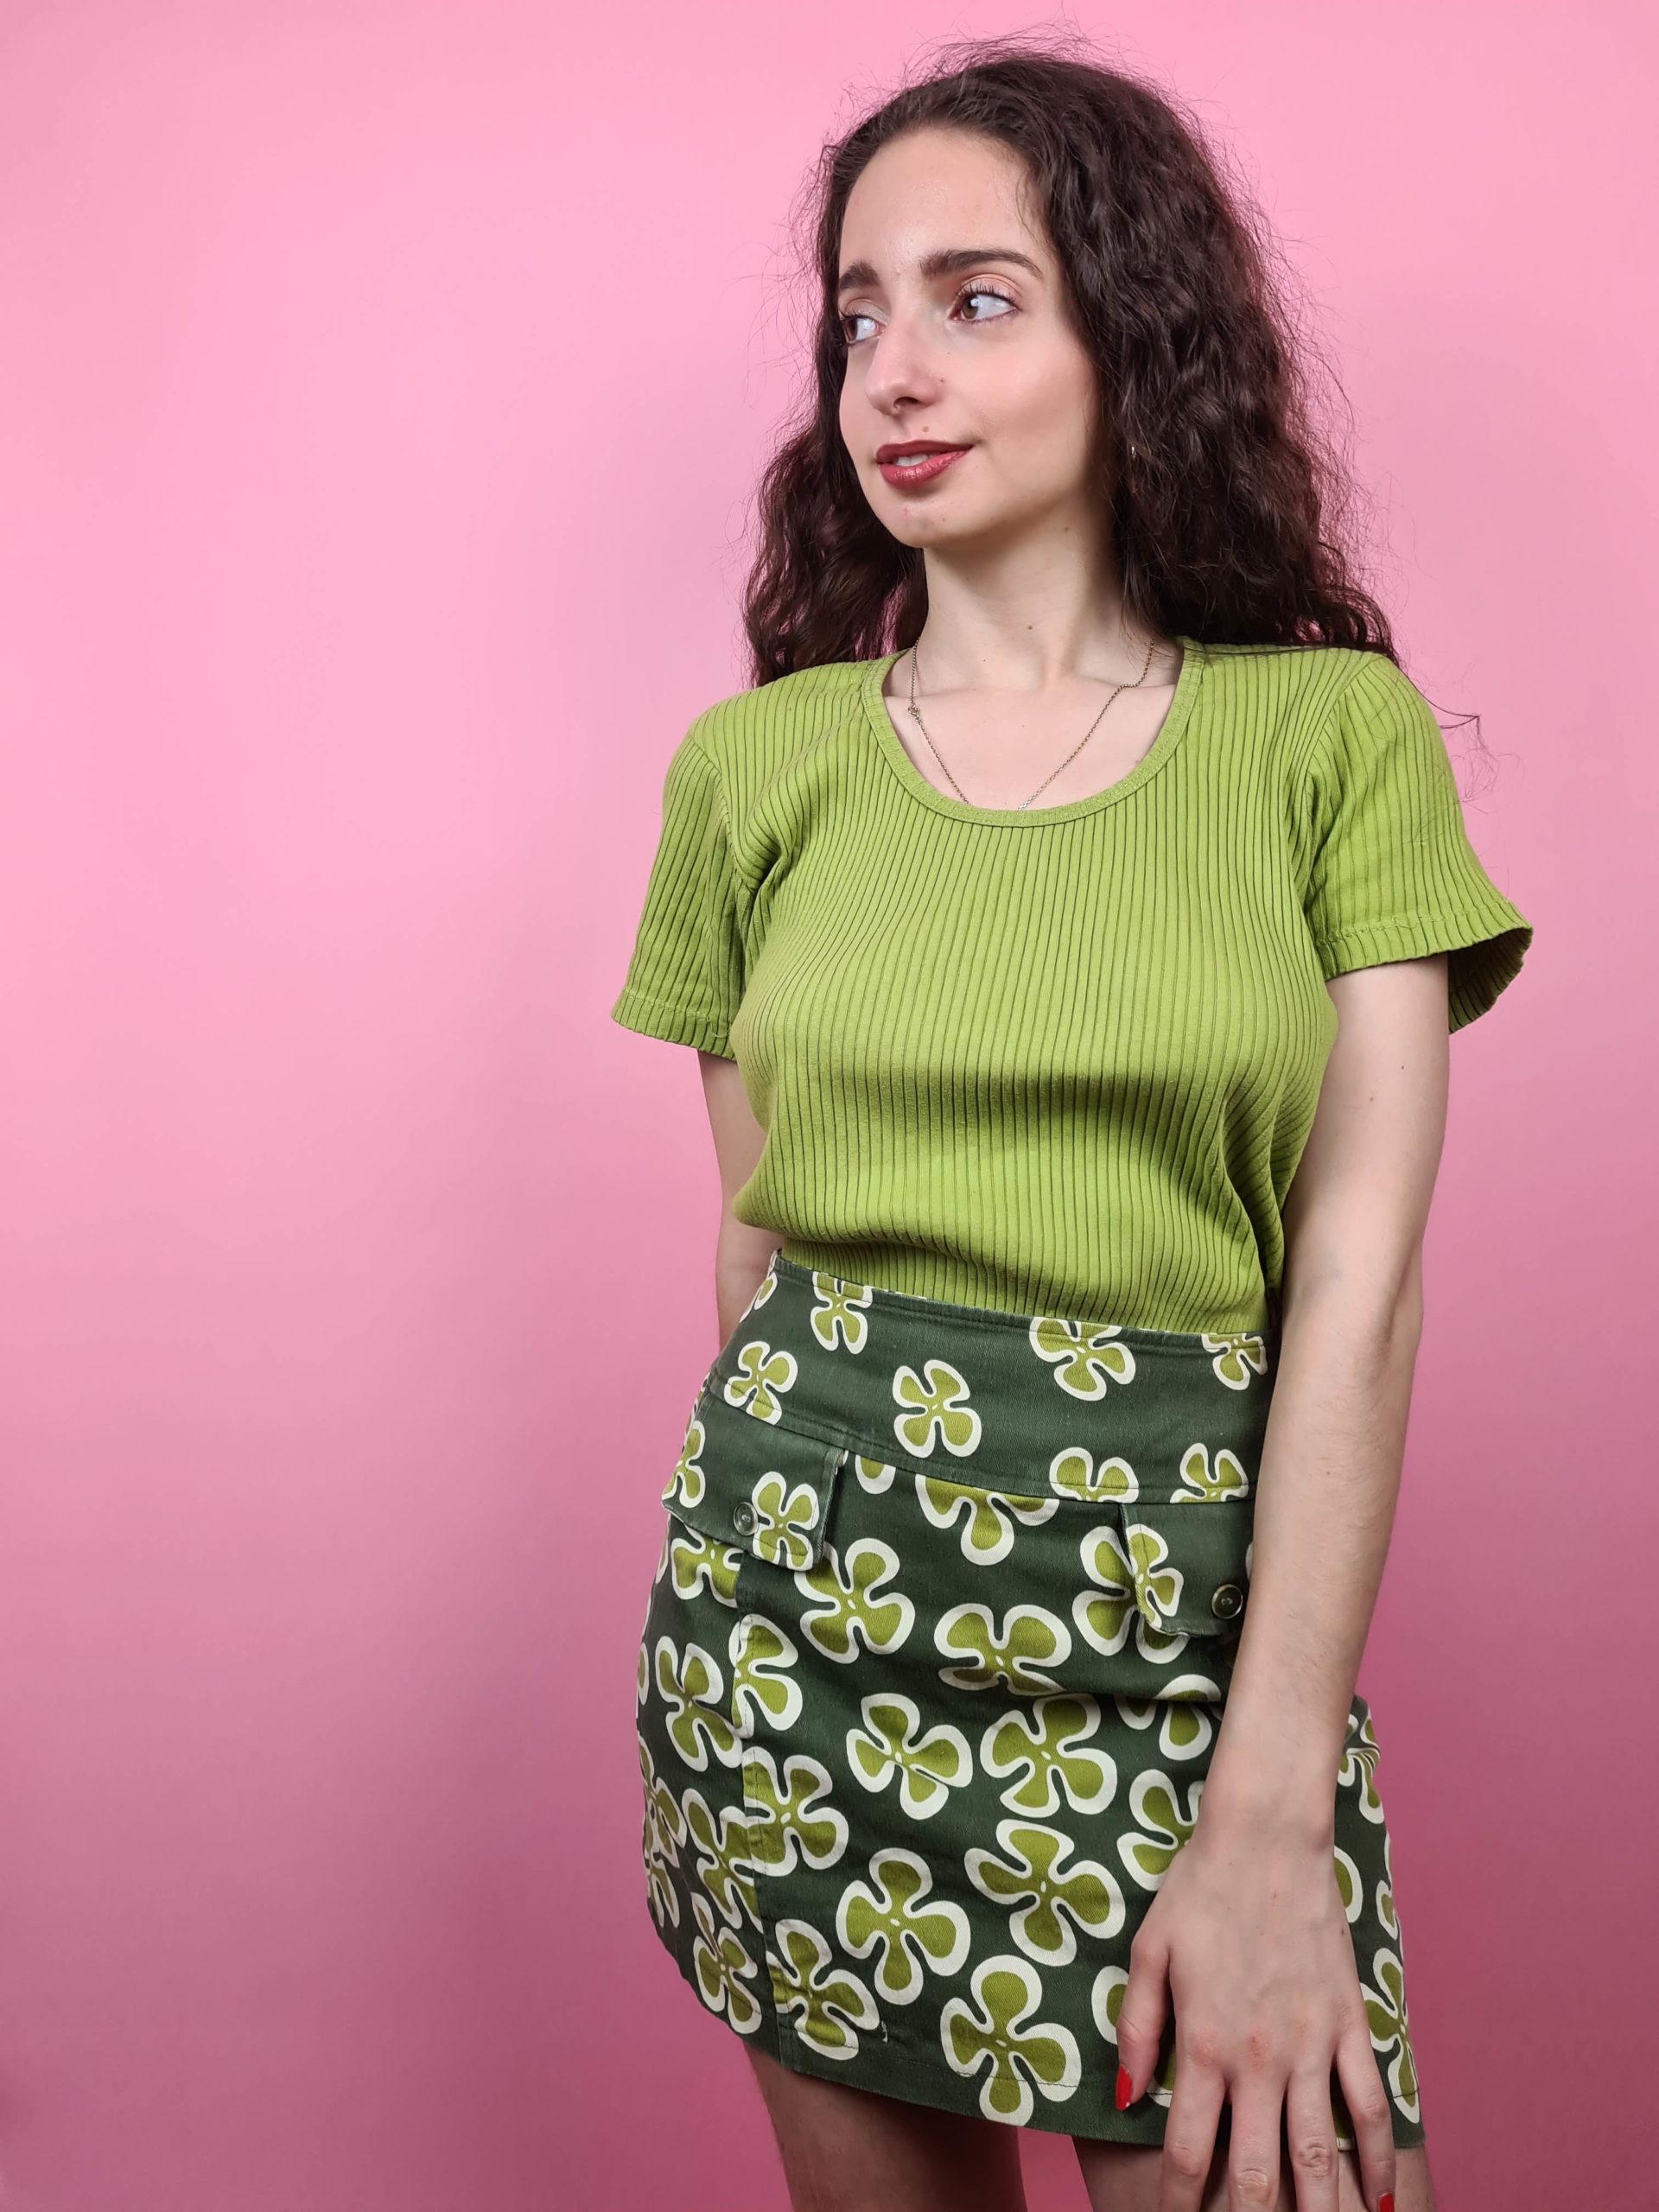 jupe verte motif fleuri 70s (7)